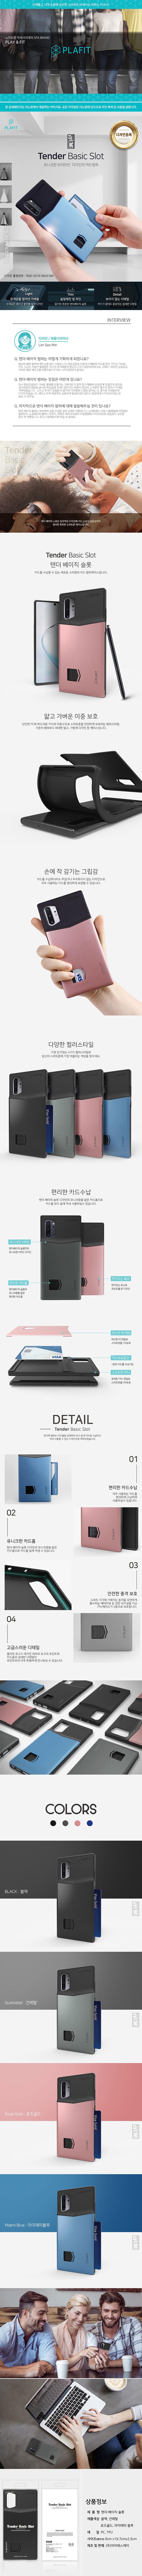 텐더 카드 수납 범퍼 케이스 갤럭시 아이폰 커버 - 원스컴퍼니, 3,900원, 케이스, 아이폰XS